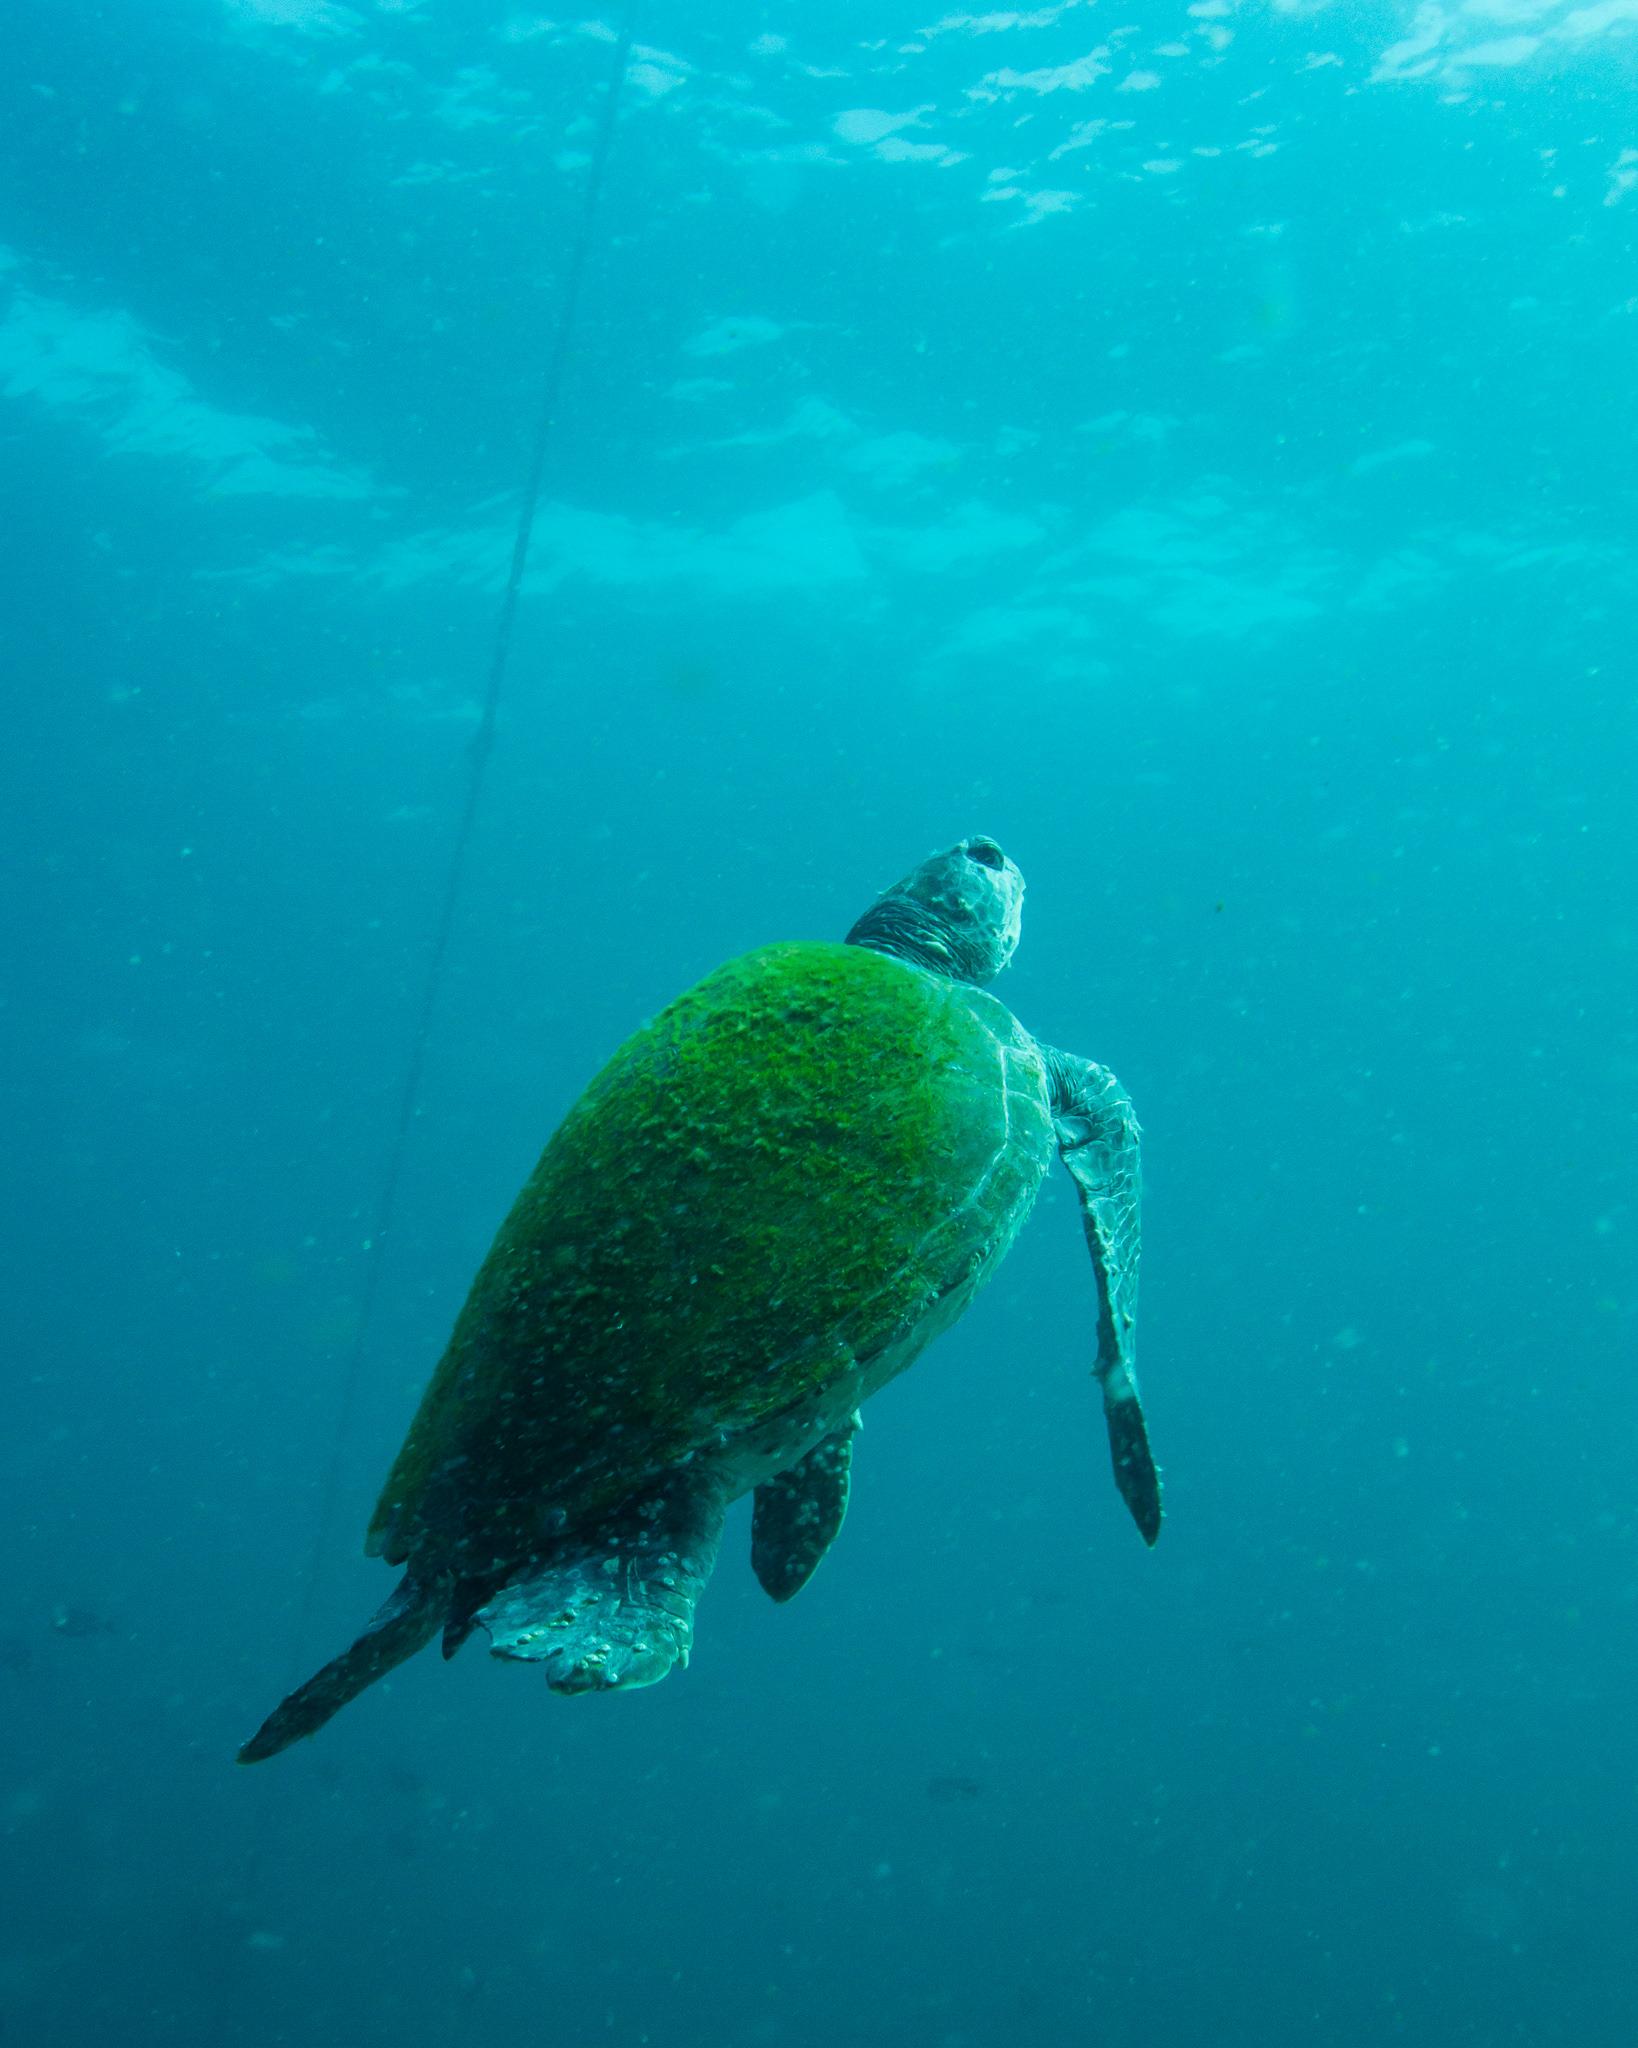 Turtle Julian Rocks NSW Australia